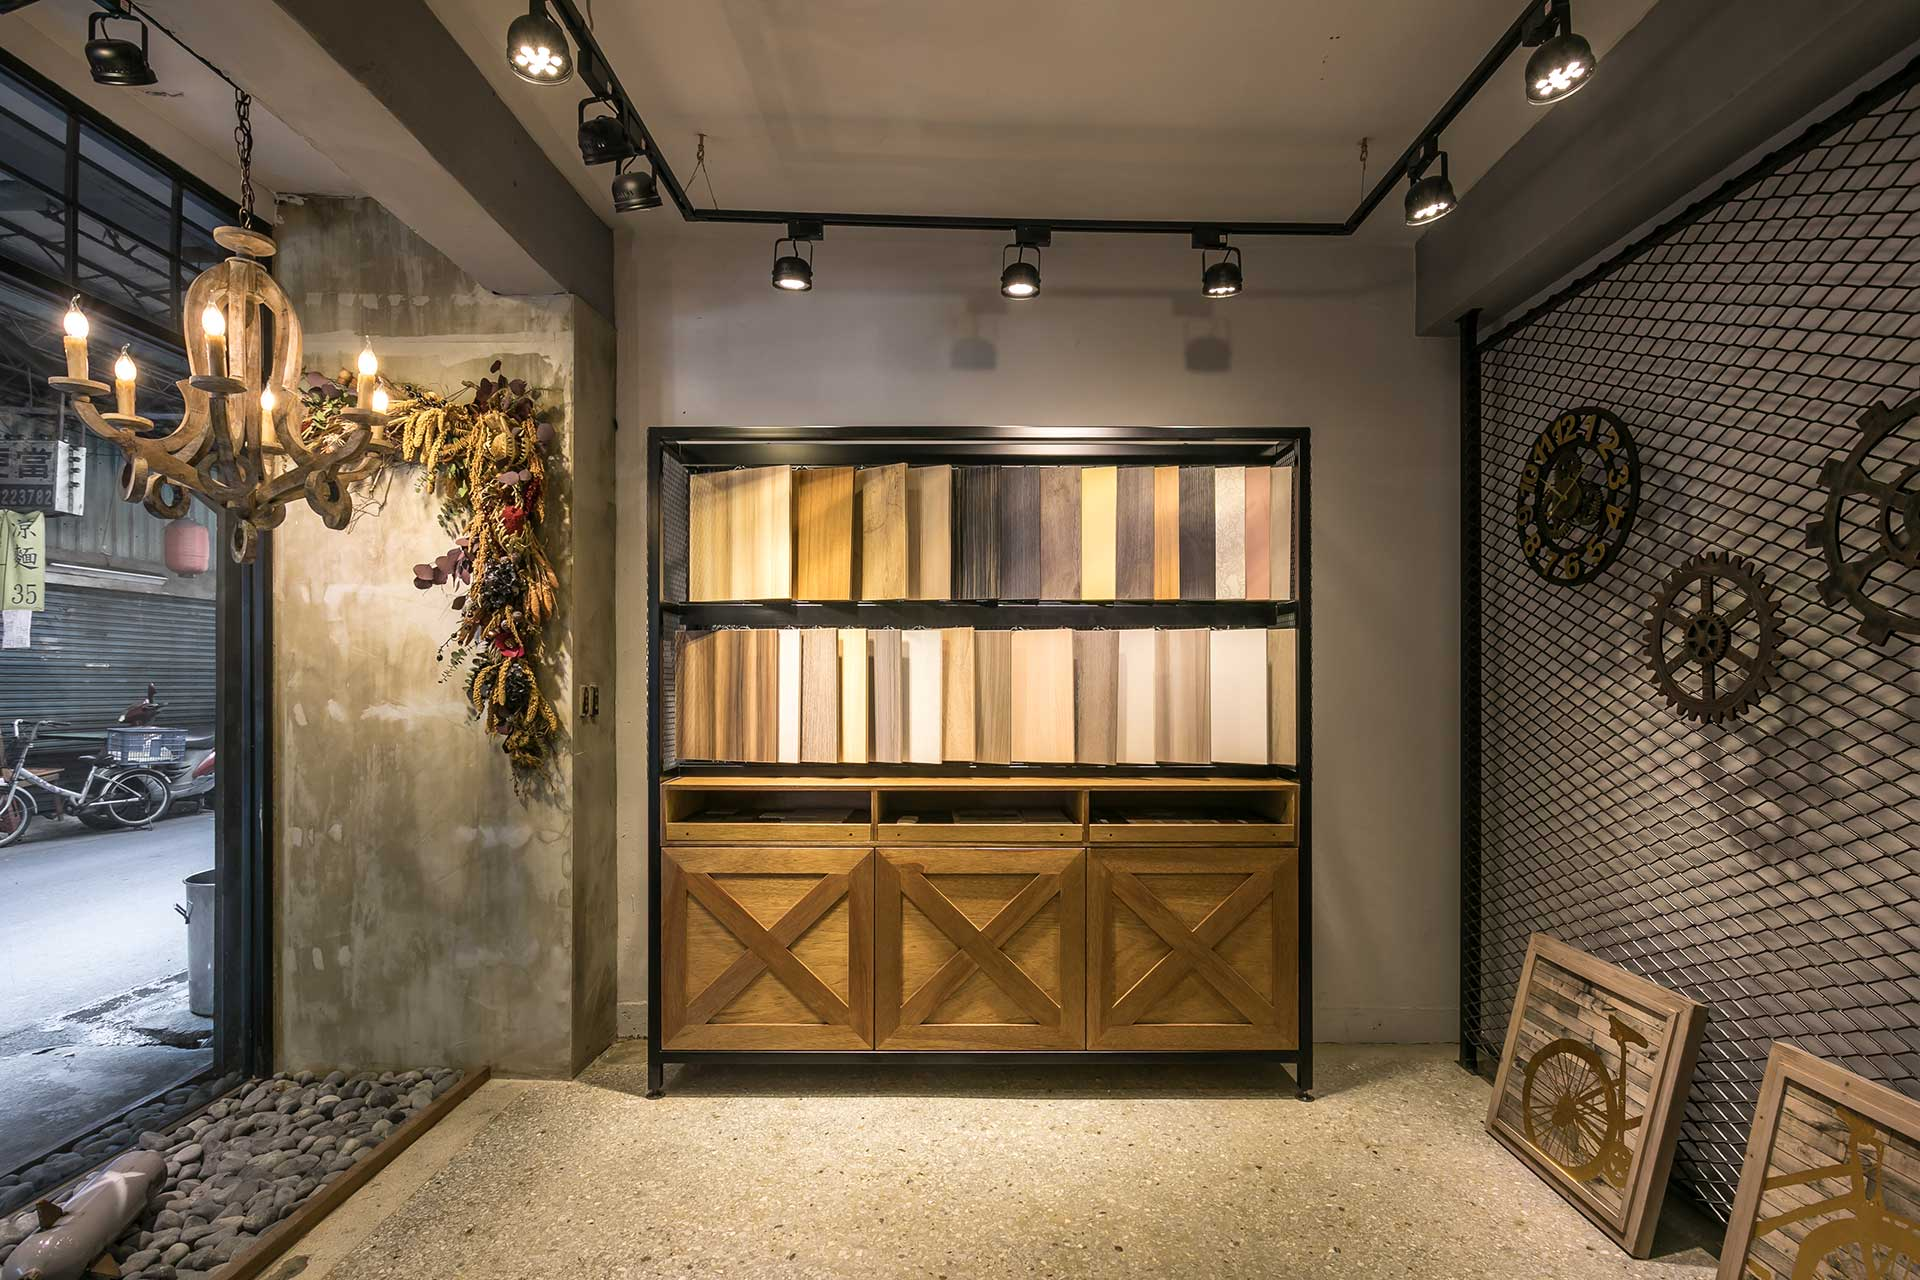 系統板材展示櫃搭配室內光源